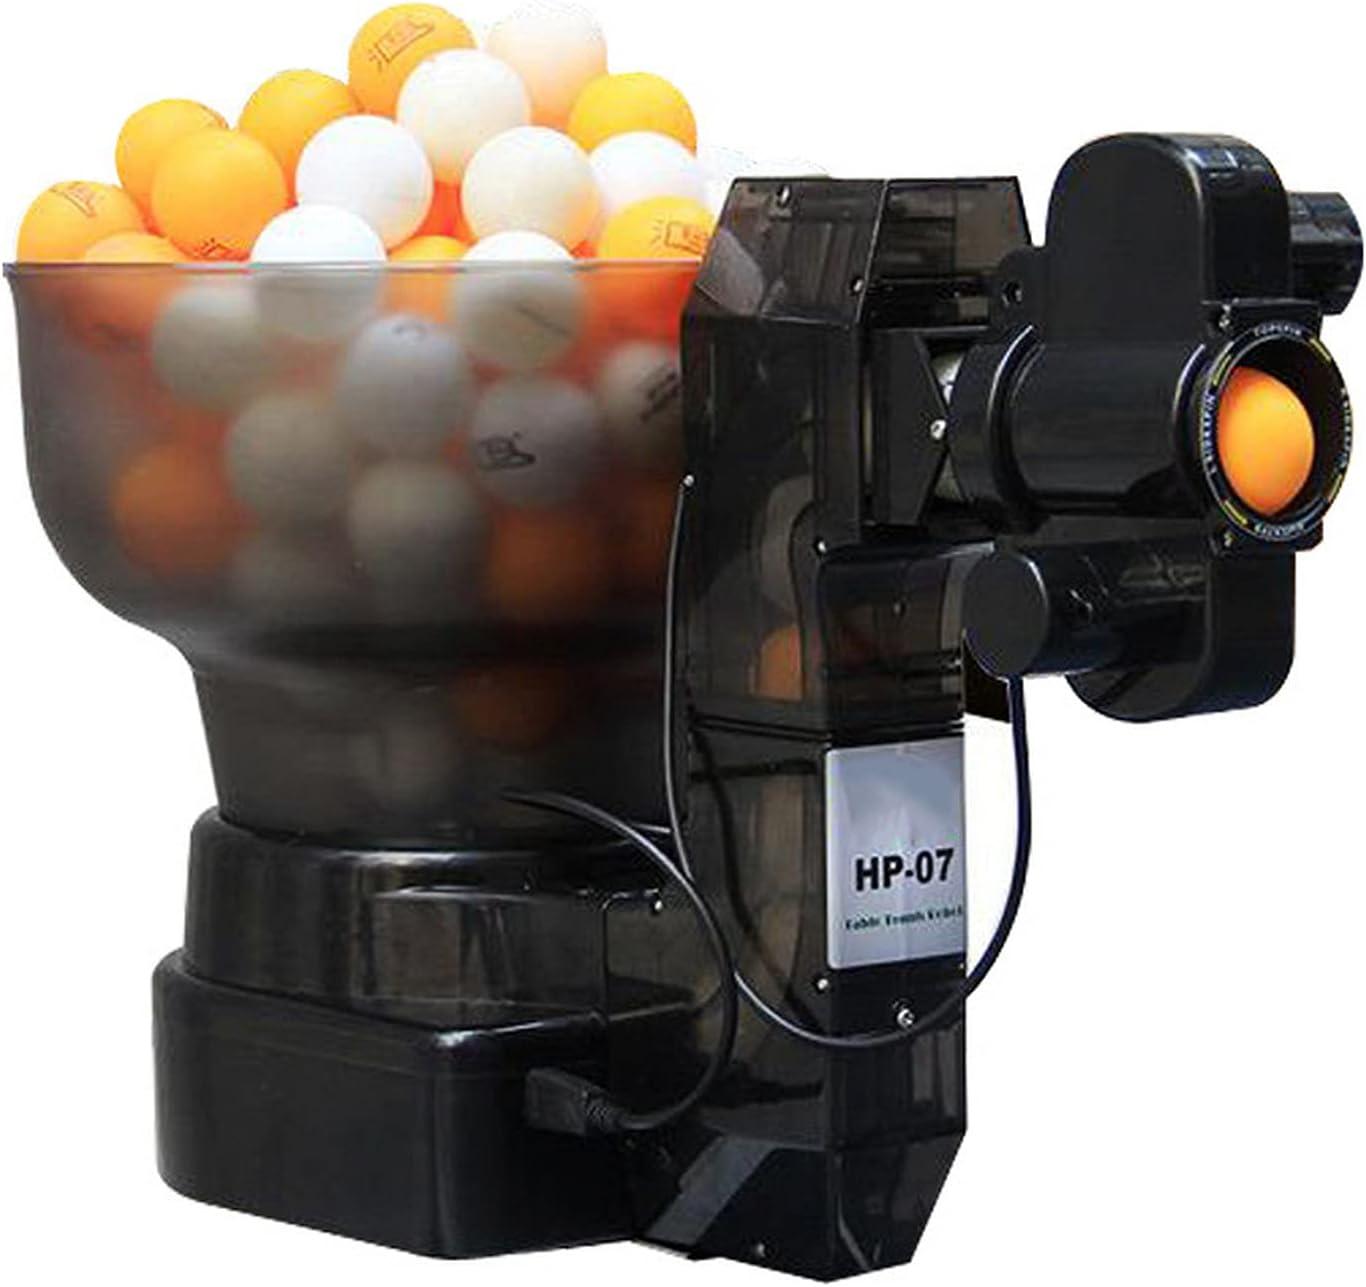 LifBetter Máquina de ping pong automática - Máquina de entrenamiento para ping pong - Capacidad para aproximadamente 100 bolas de ping pong - Rotación automática a 7 velocidades